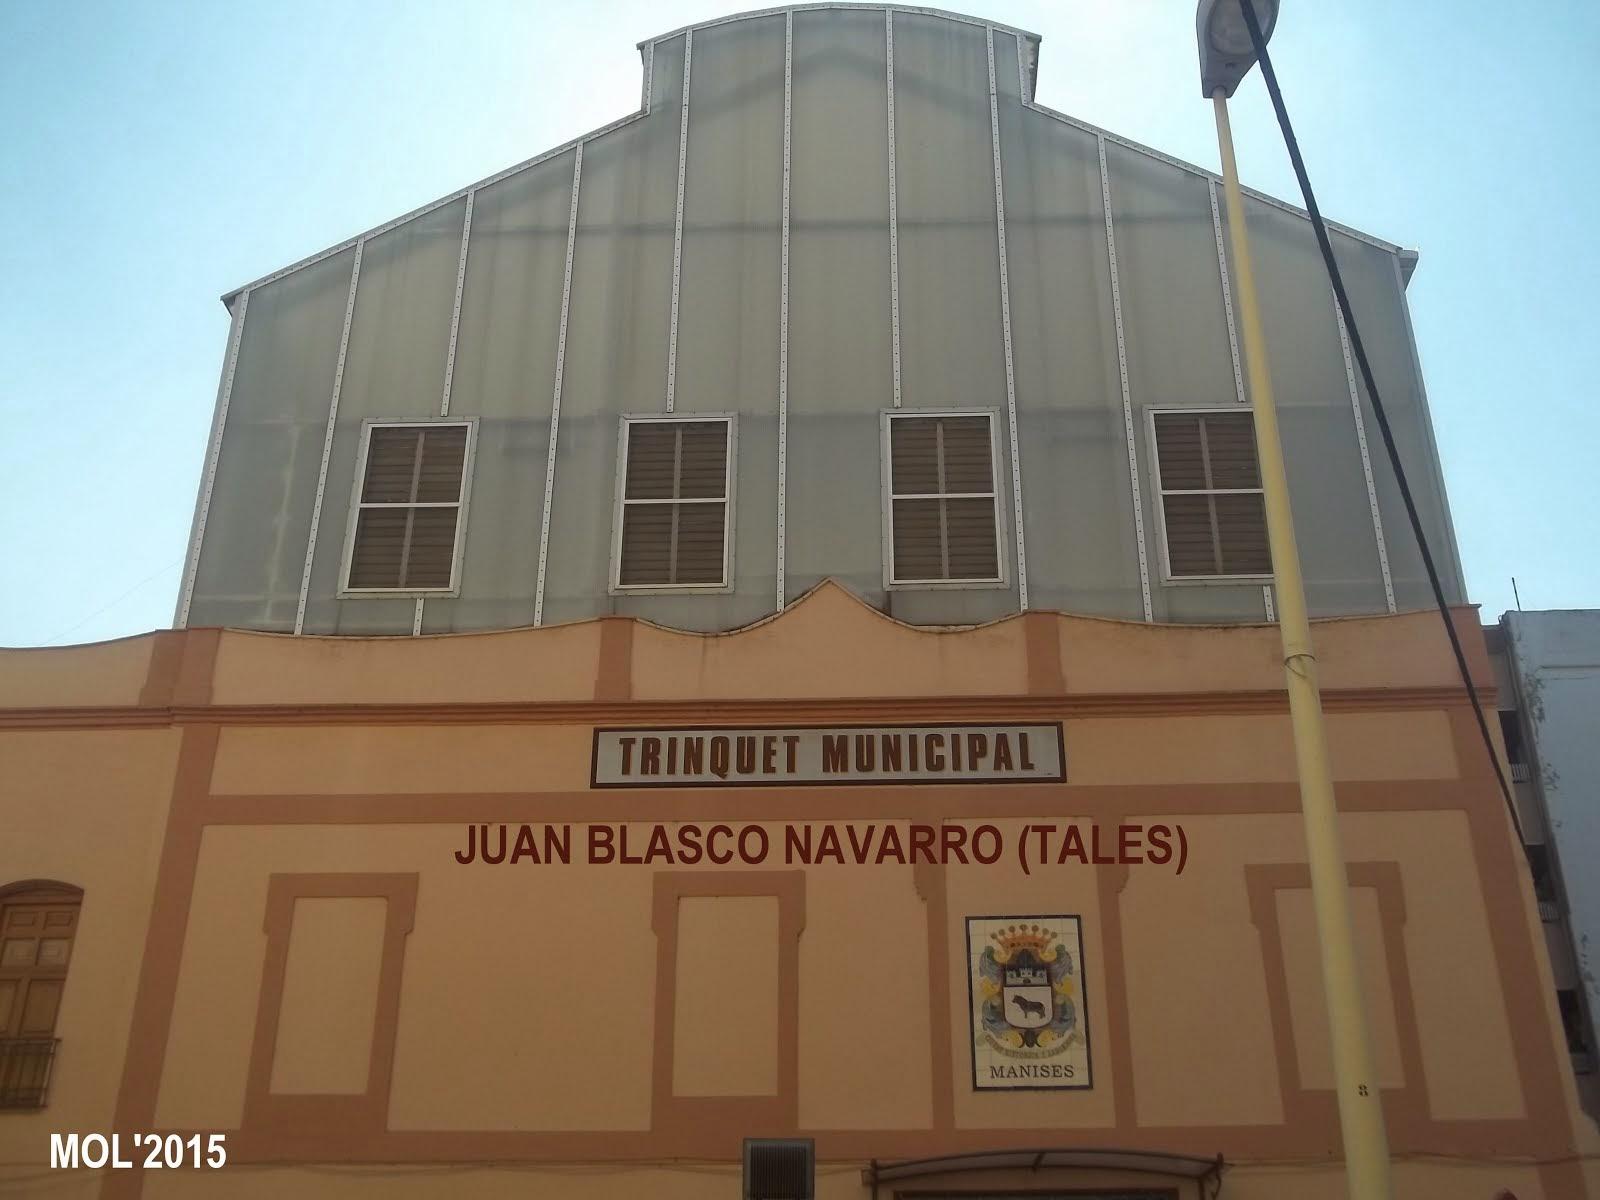 EL TRINQUET DE MANISES JUAN BLASCO NAVARRO-TALES